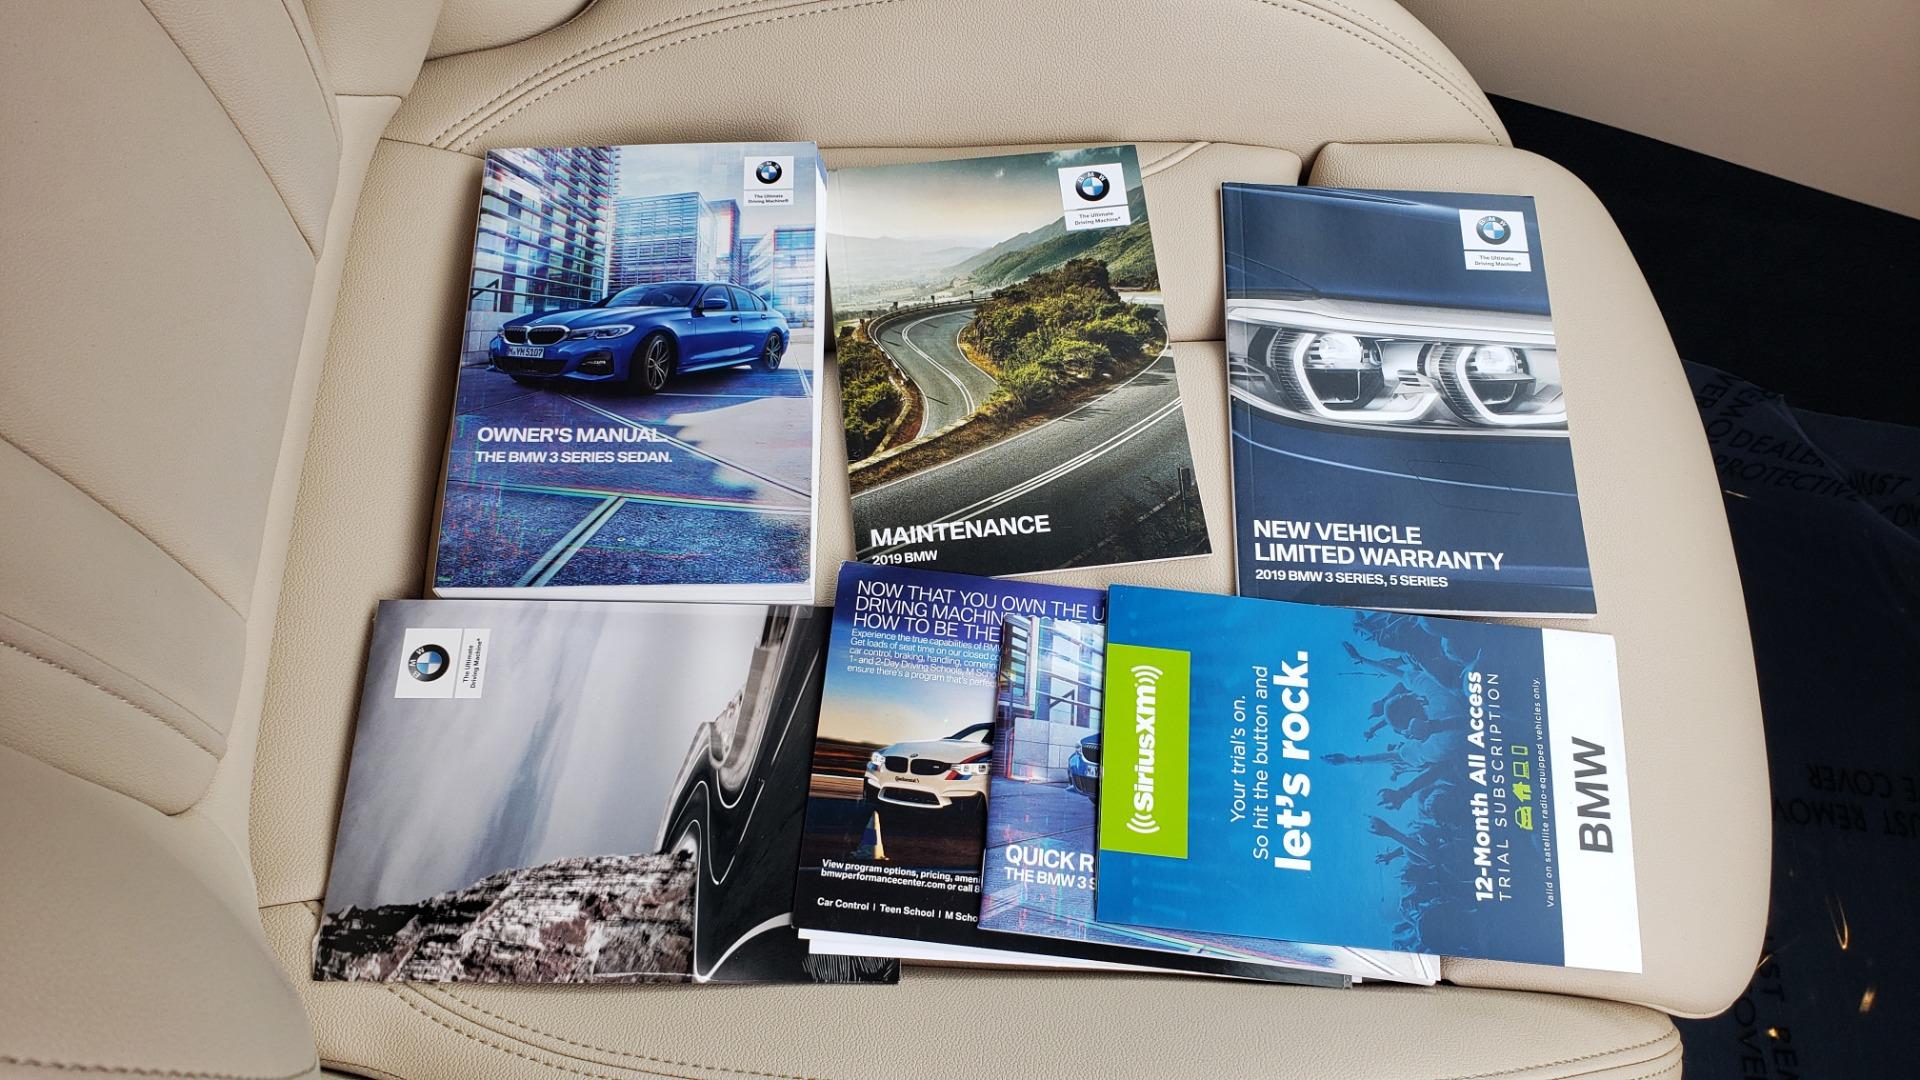 Used 2019 BMW 3 SERIES 330I PREM PKG / NAV / CONV PKG / H&K SND / LIVE COCKPIT PRO for sale Sold at Formula Imports in Charlotte NC 28227 93